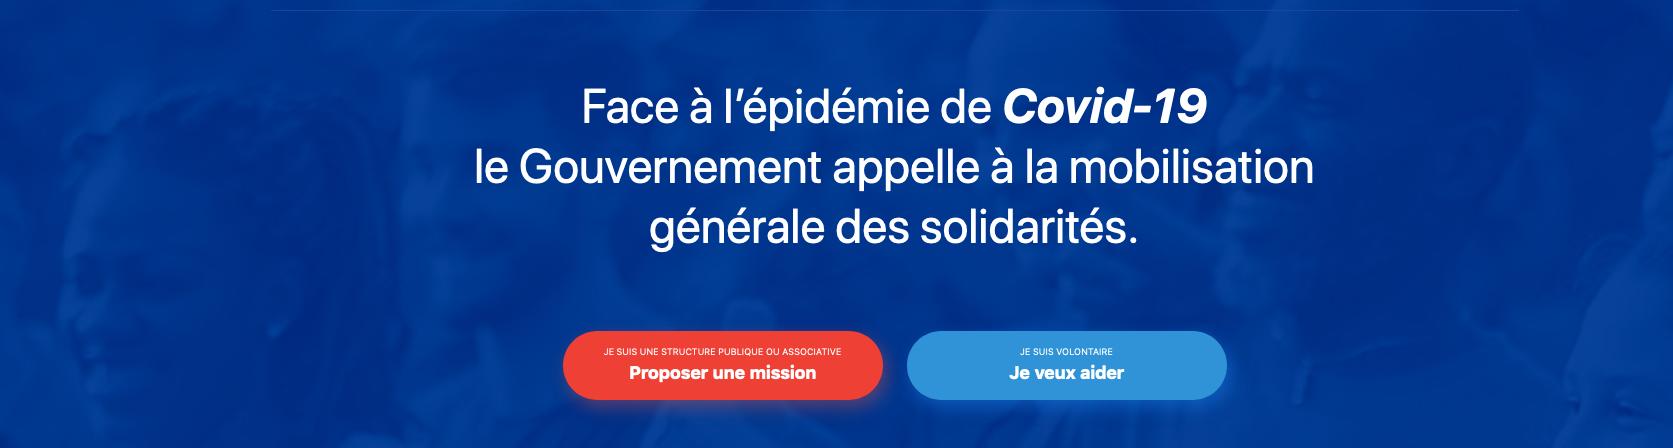 Coronavirus: Une plateforme de solidarité lancée par le Gouvernement